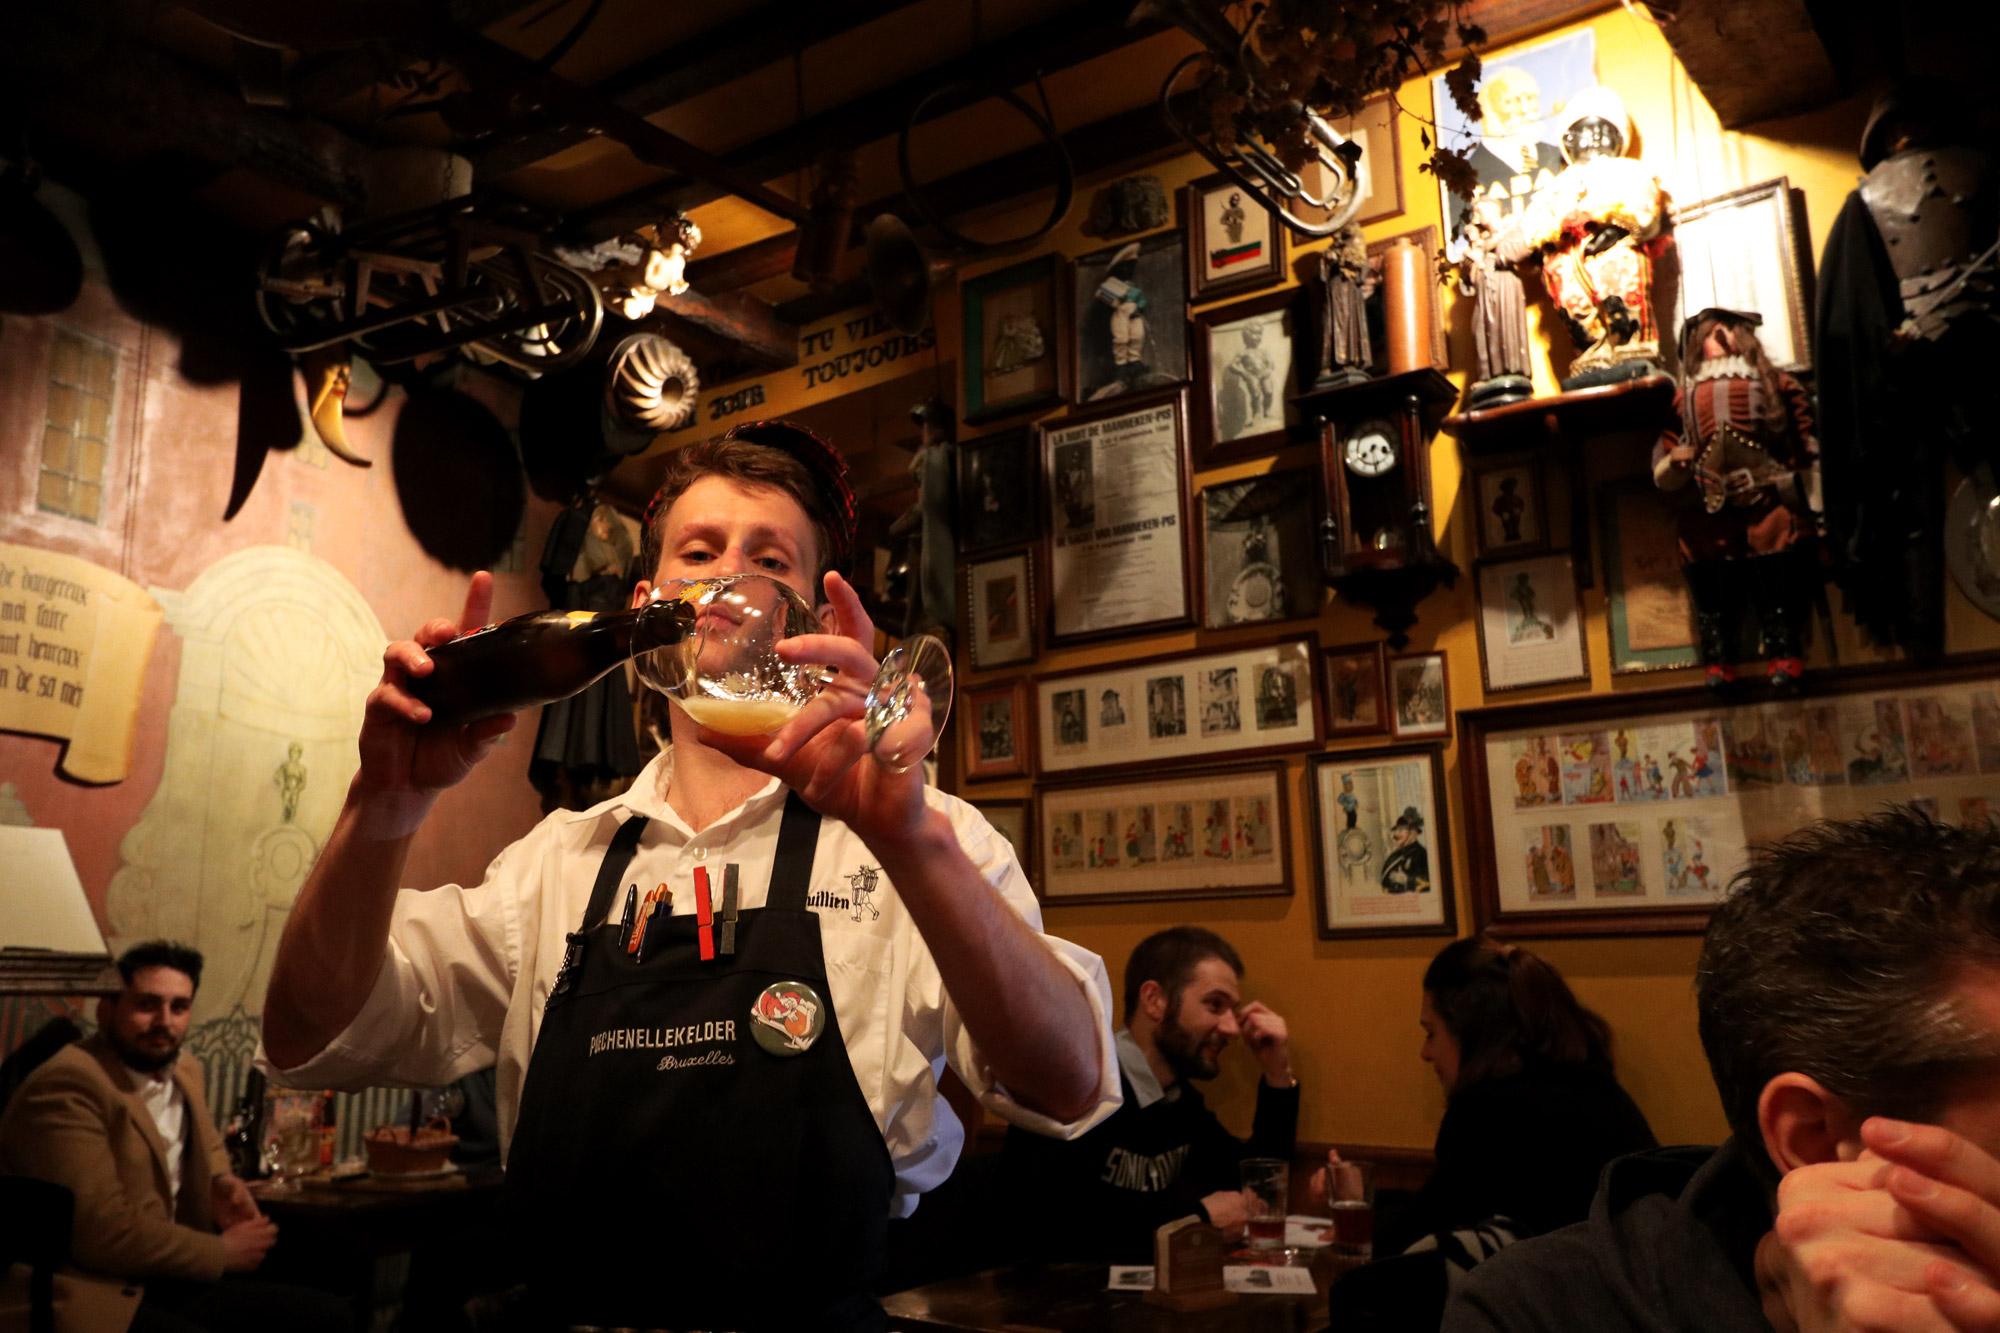 Top 5 leuke biercafés Brussel - Le Poechenellekelder